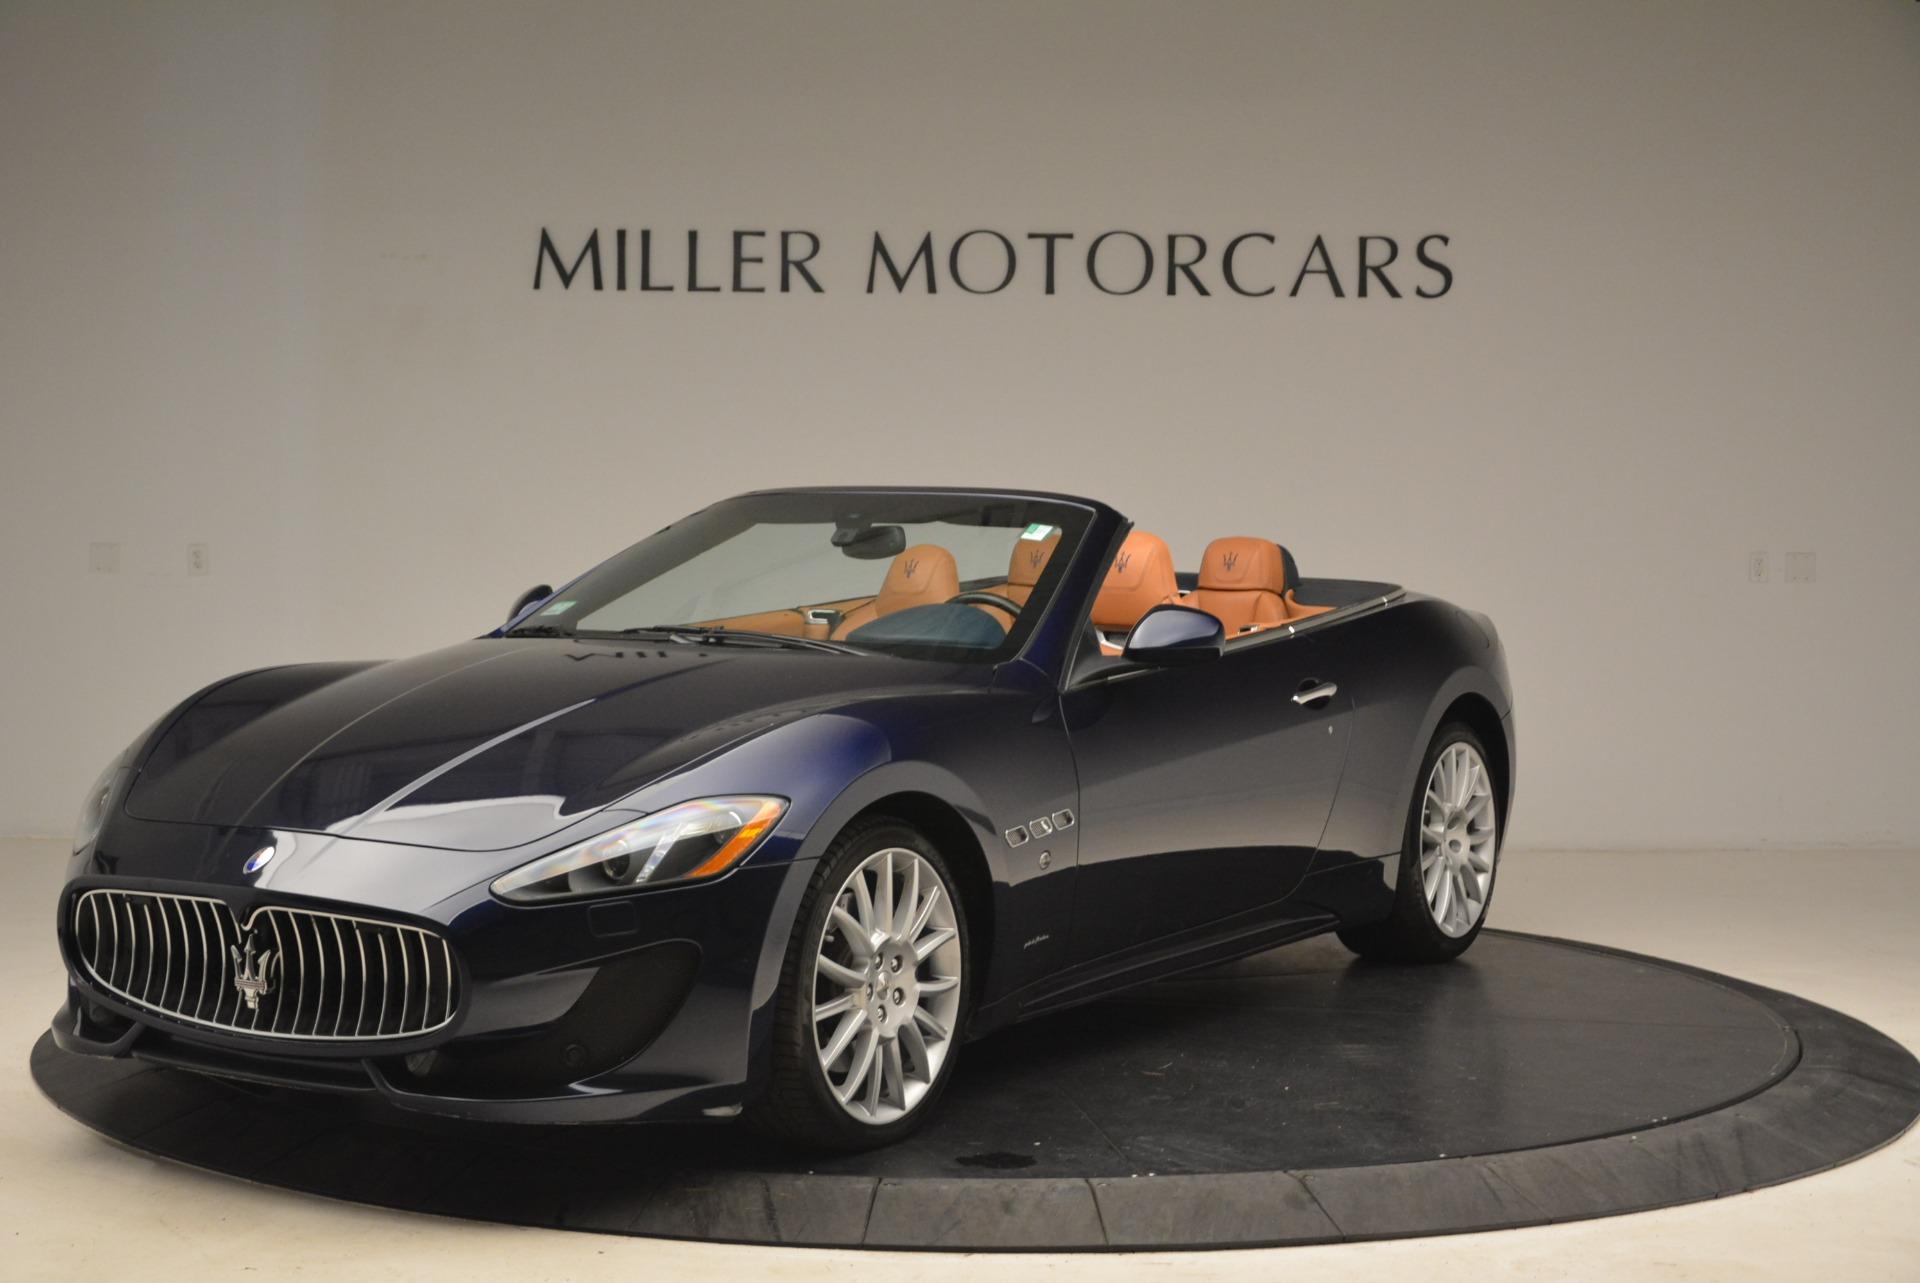 Used 2014 Maserati GranTurismo Sport For Sale In Greenwich, CT 2269_p2